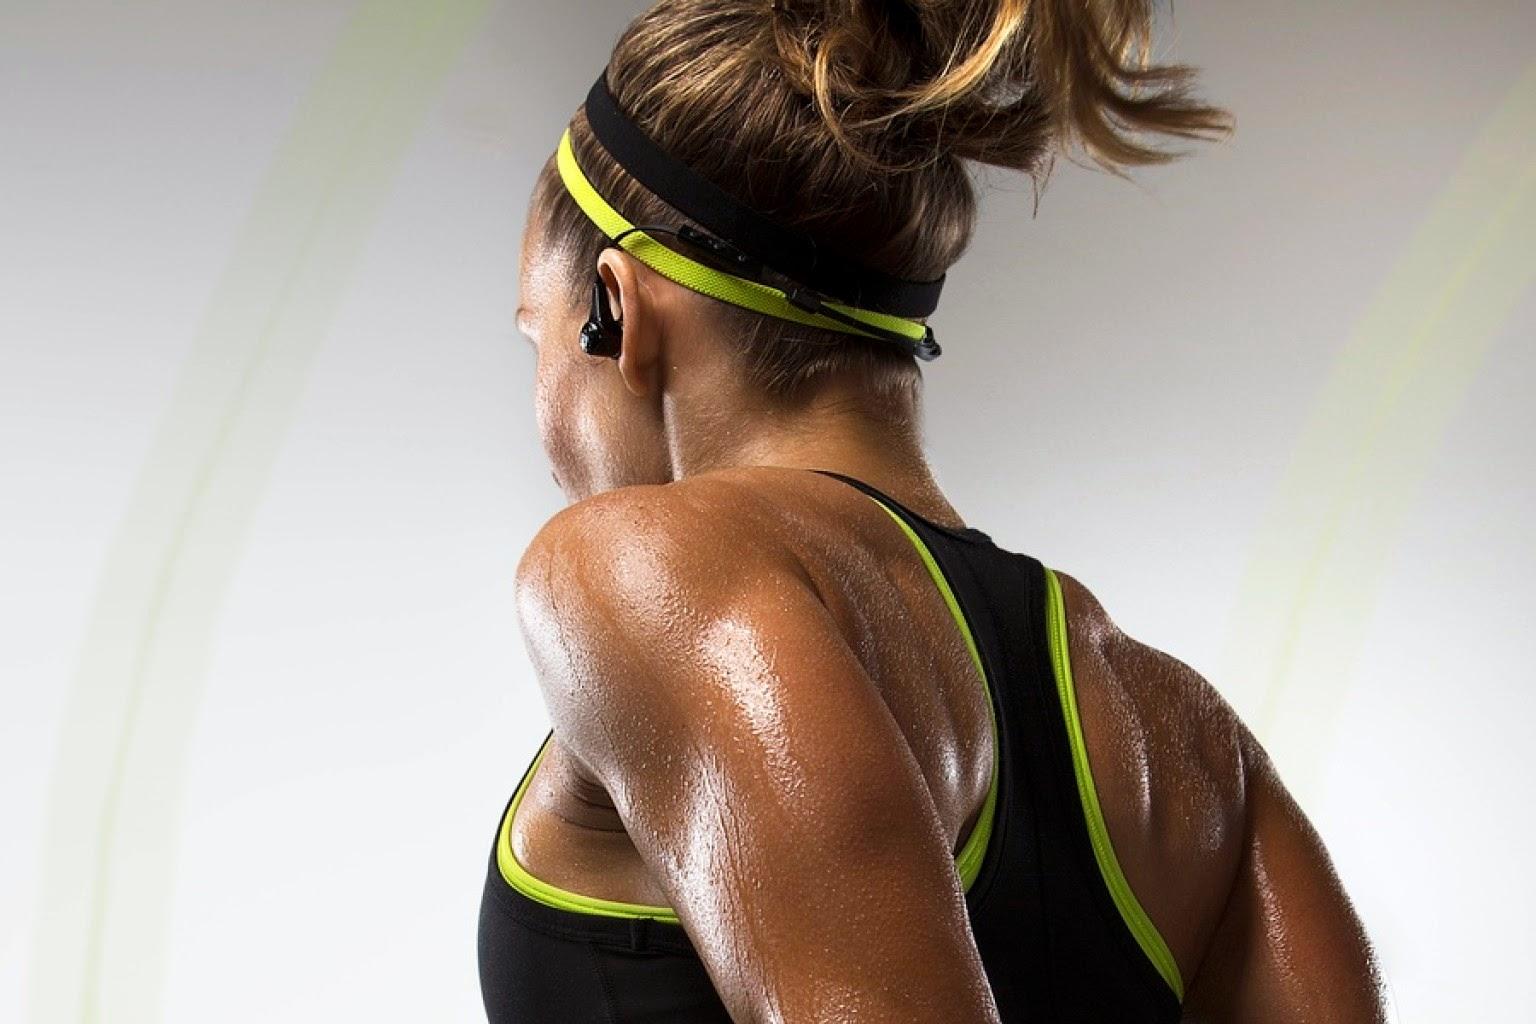 sweatyathlete